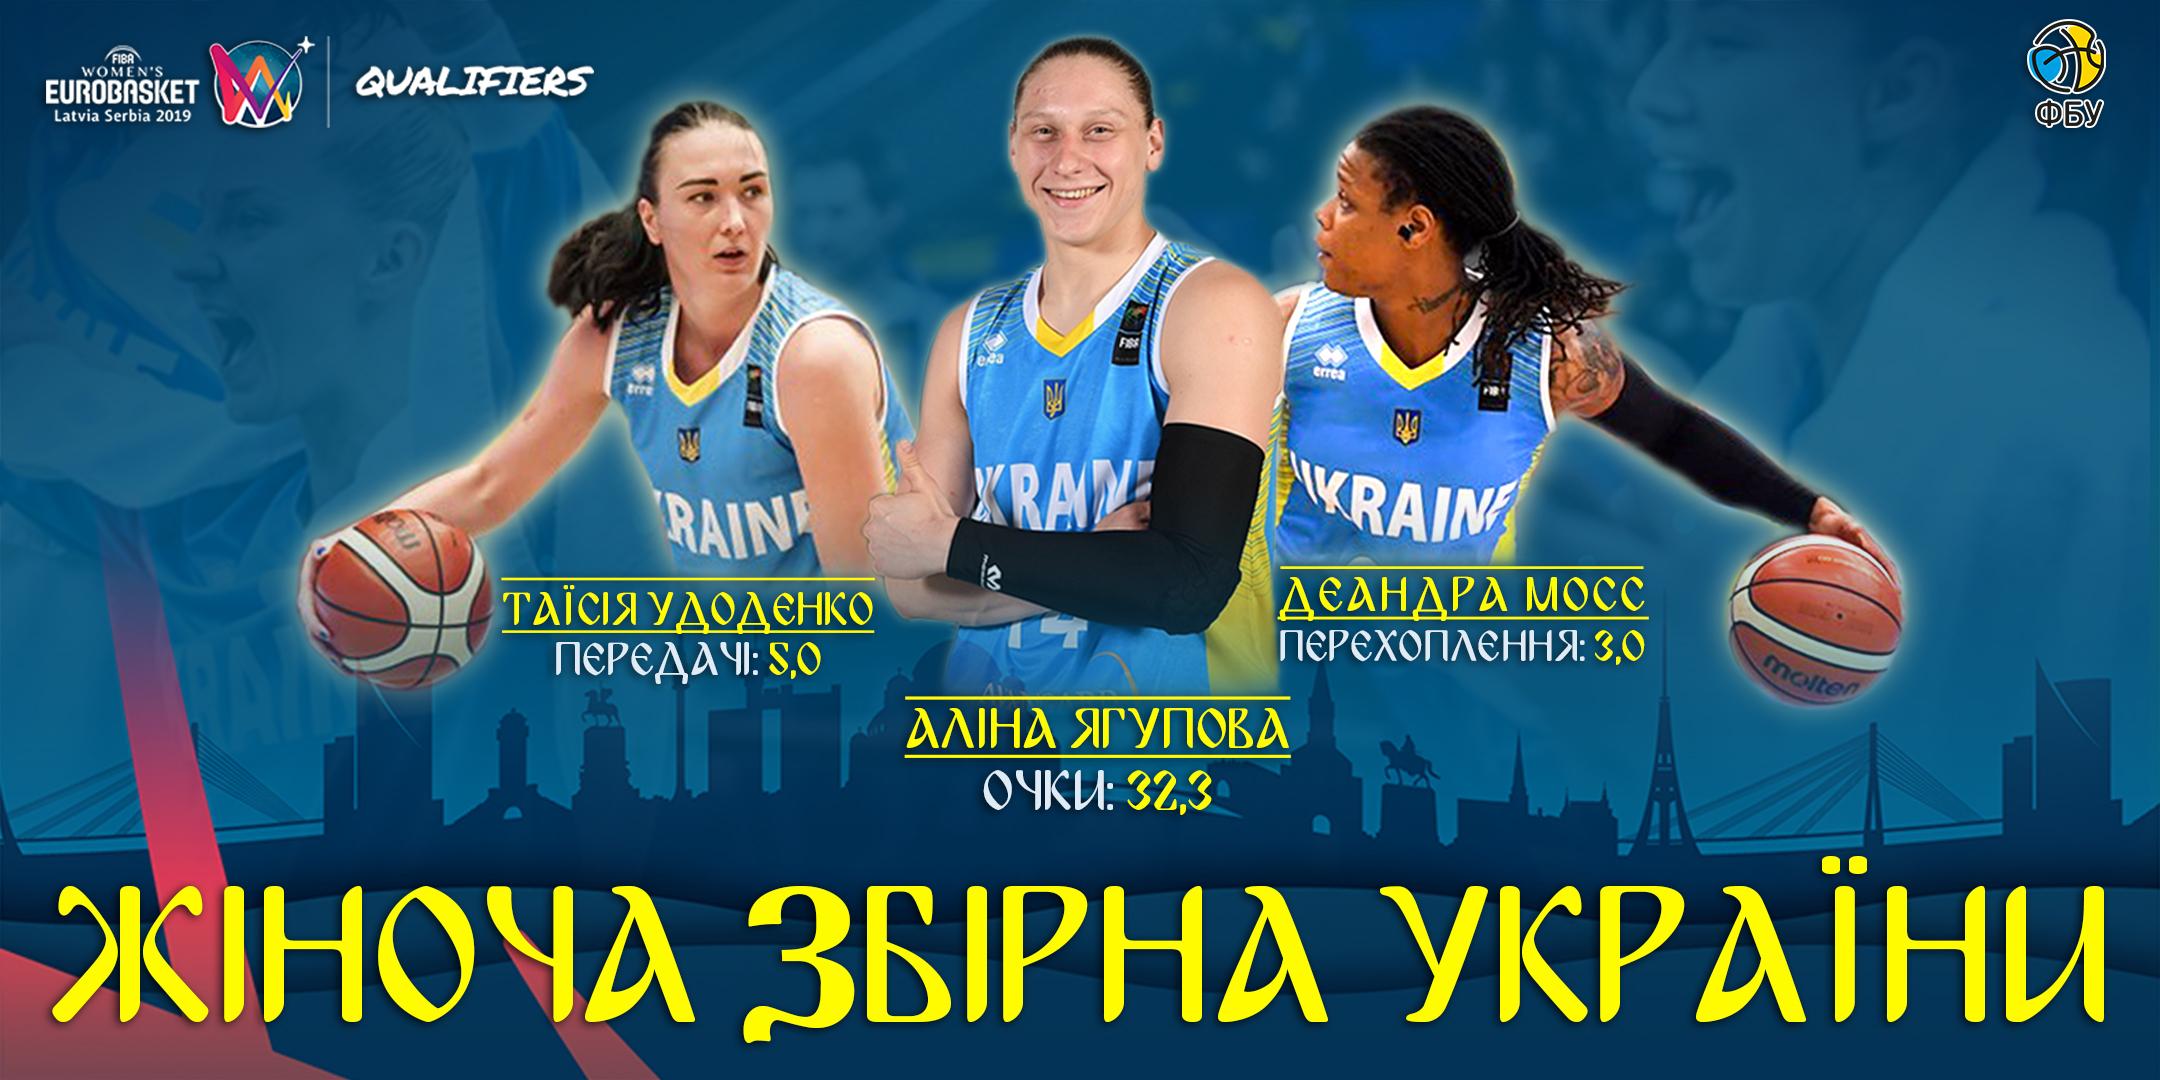 Лідери збірної України у відборі на ЄвроБаскет-2019: інфографіка